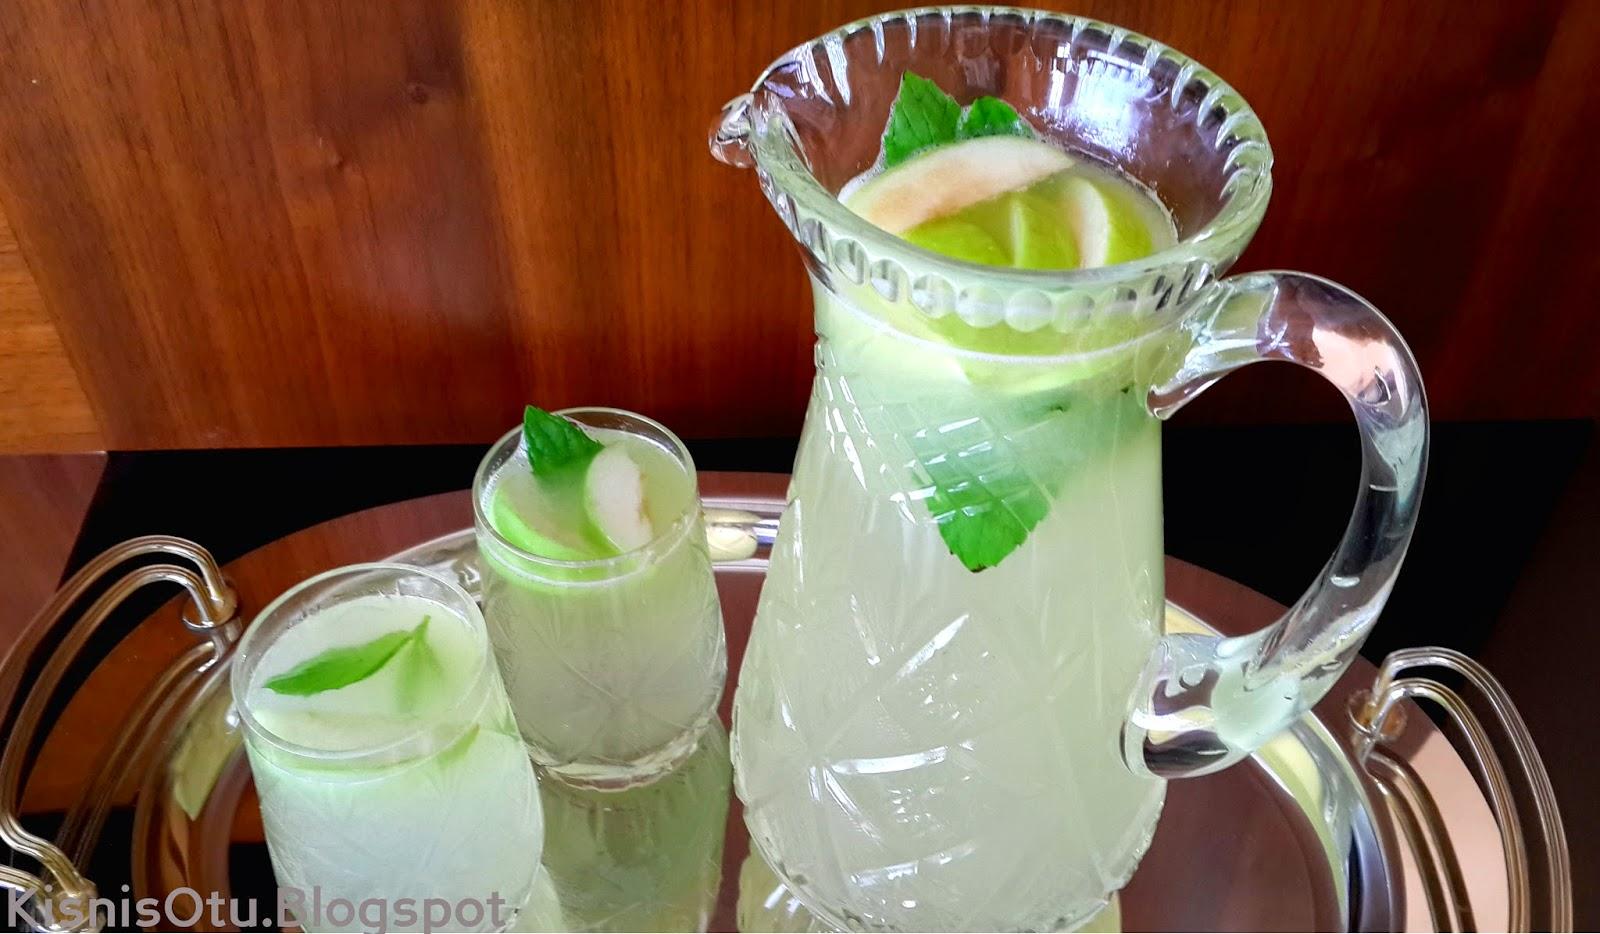 limonata tarifi, limonata yapımı, limonata, limon, soğuk içecekler, içecek tarifi